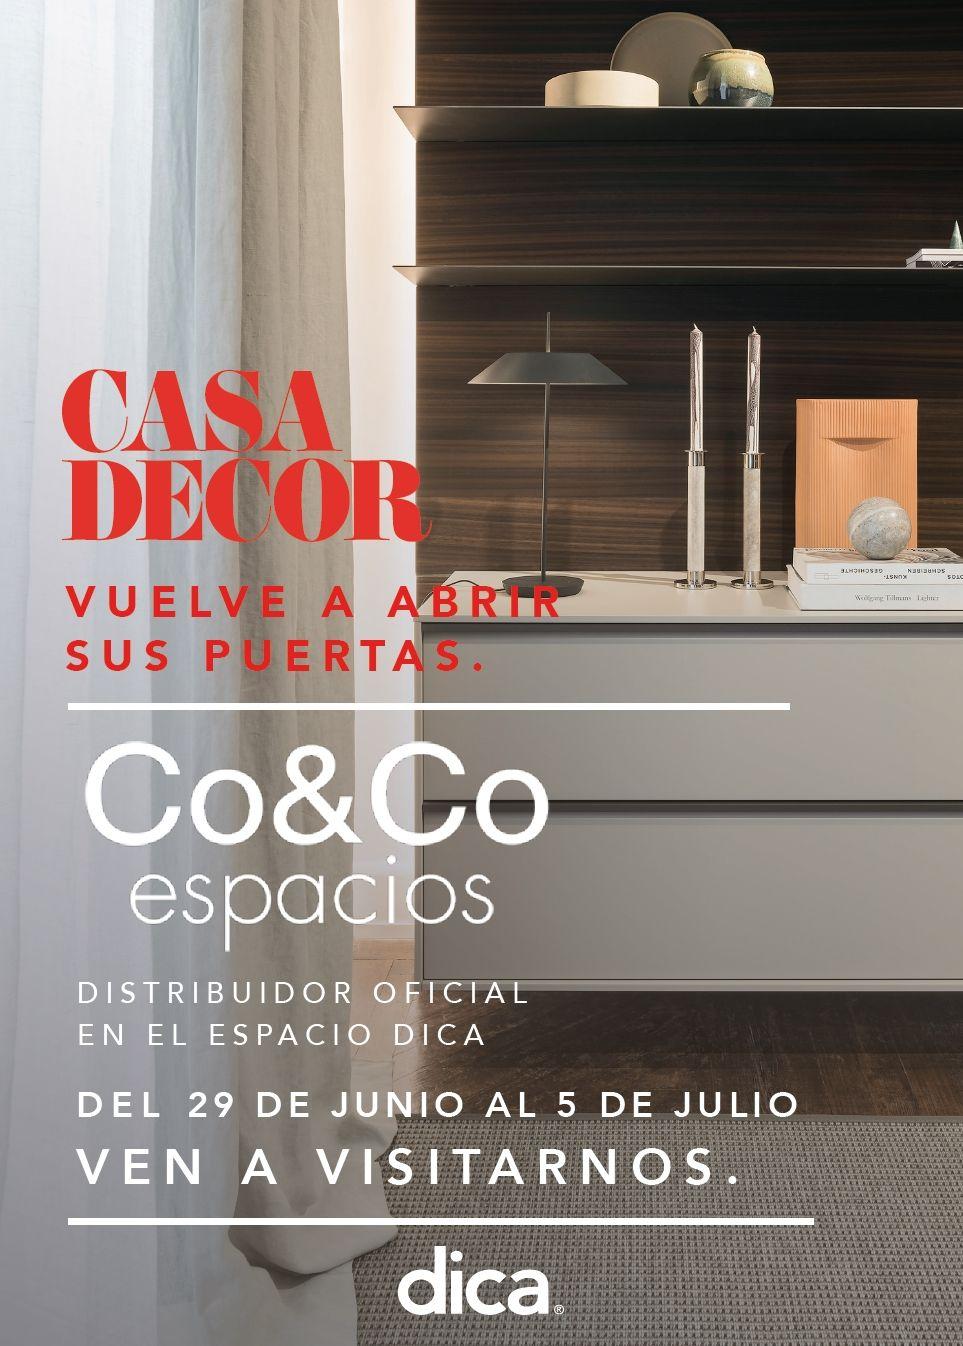 Co&Co Espacios estará presetente en Casa Decor del 29 de Junio al 5 de Julio dica madrid